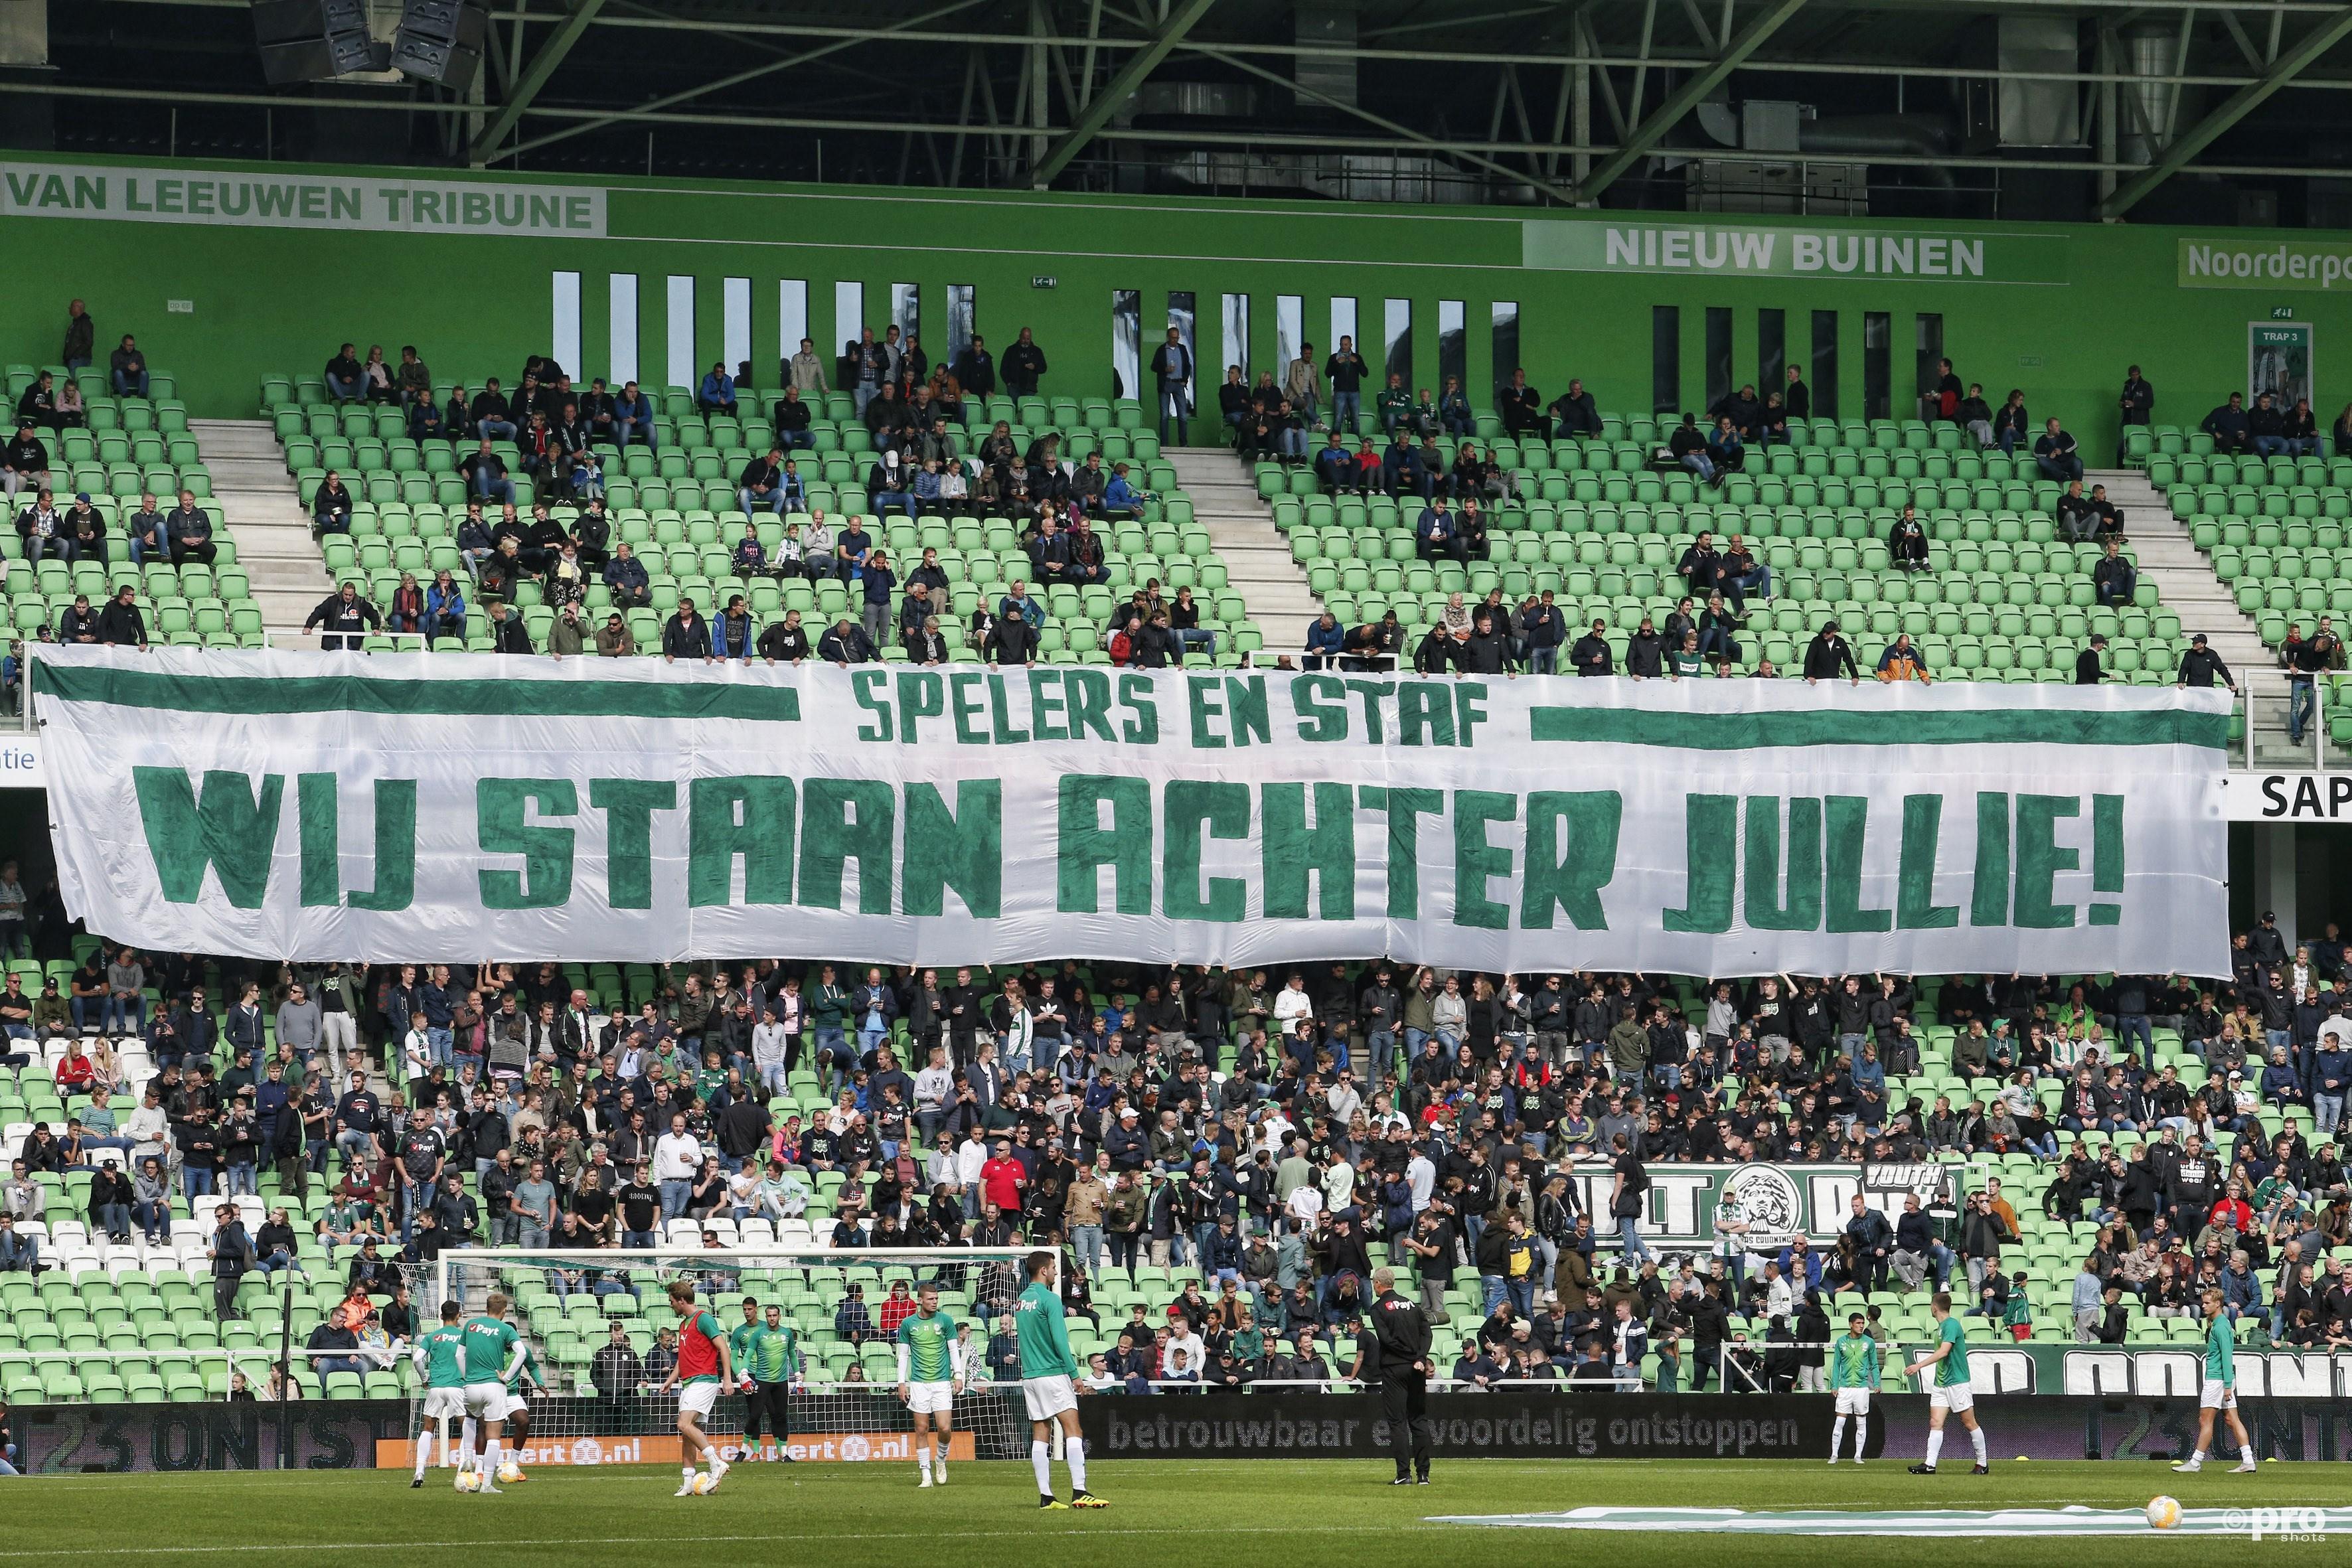 De supporters geven steun aan de plaatselijke FC. (PRO SHOTS/Henk Jan Dijks)